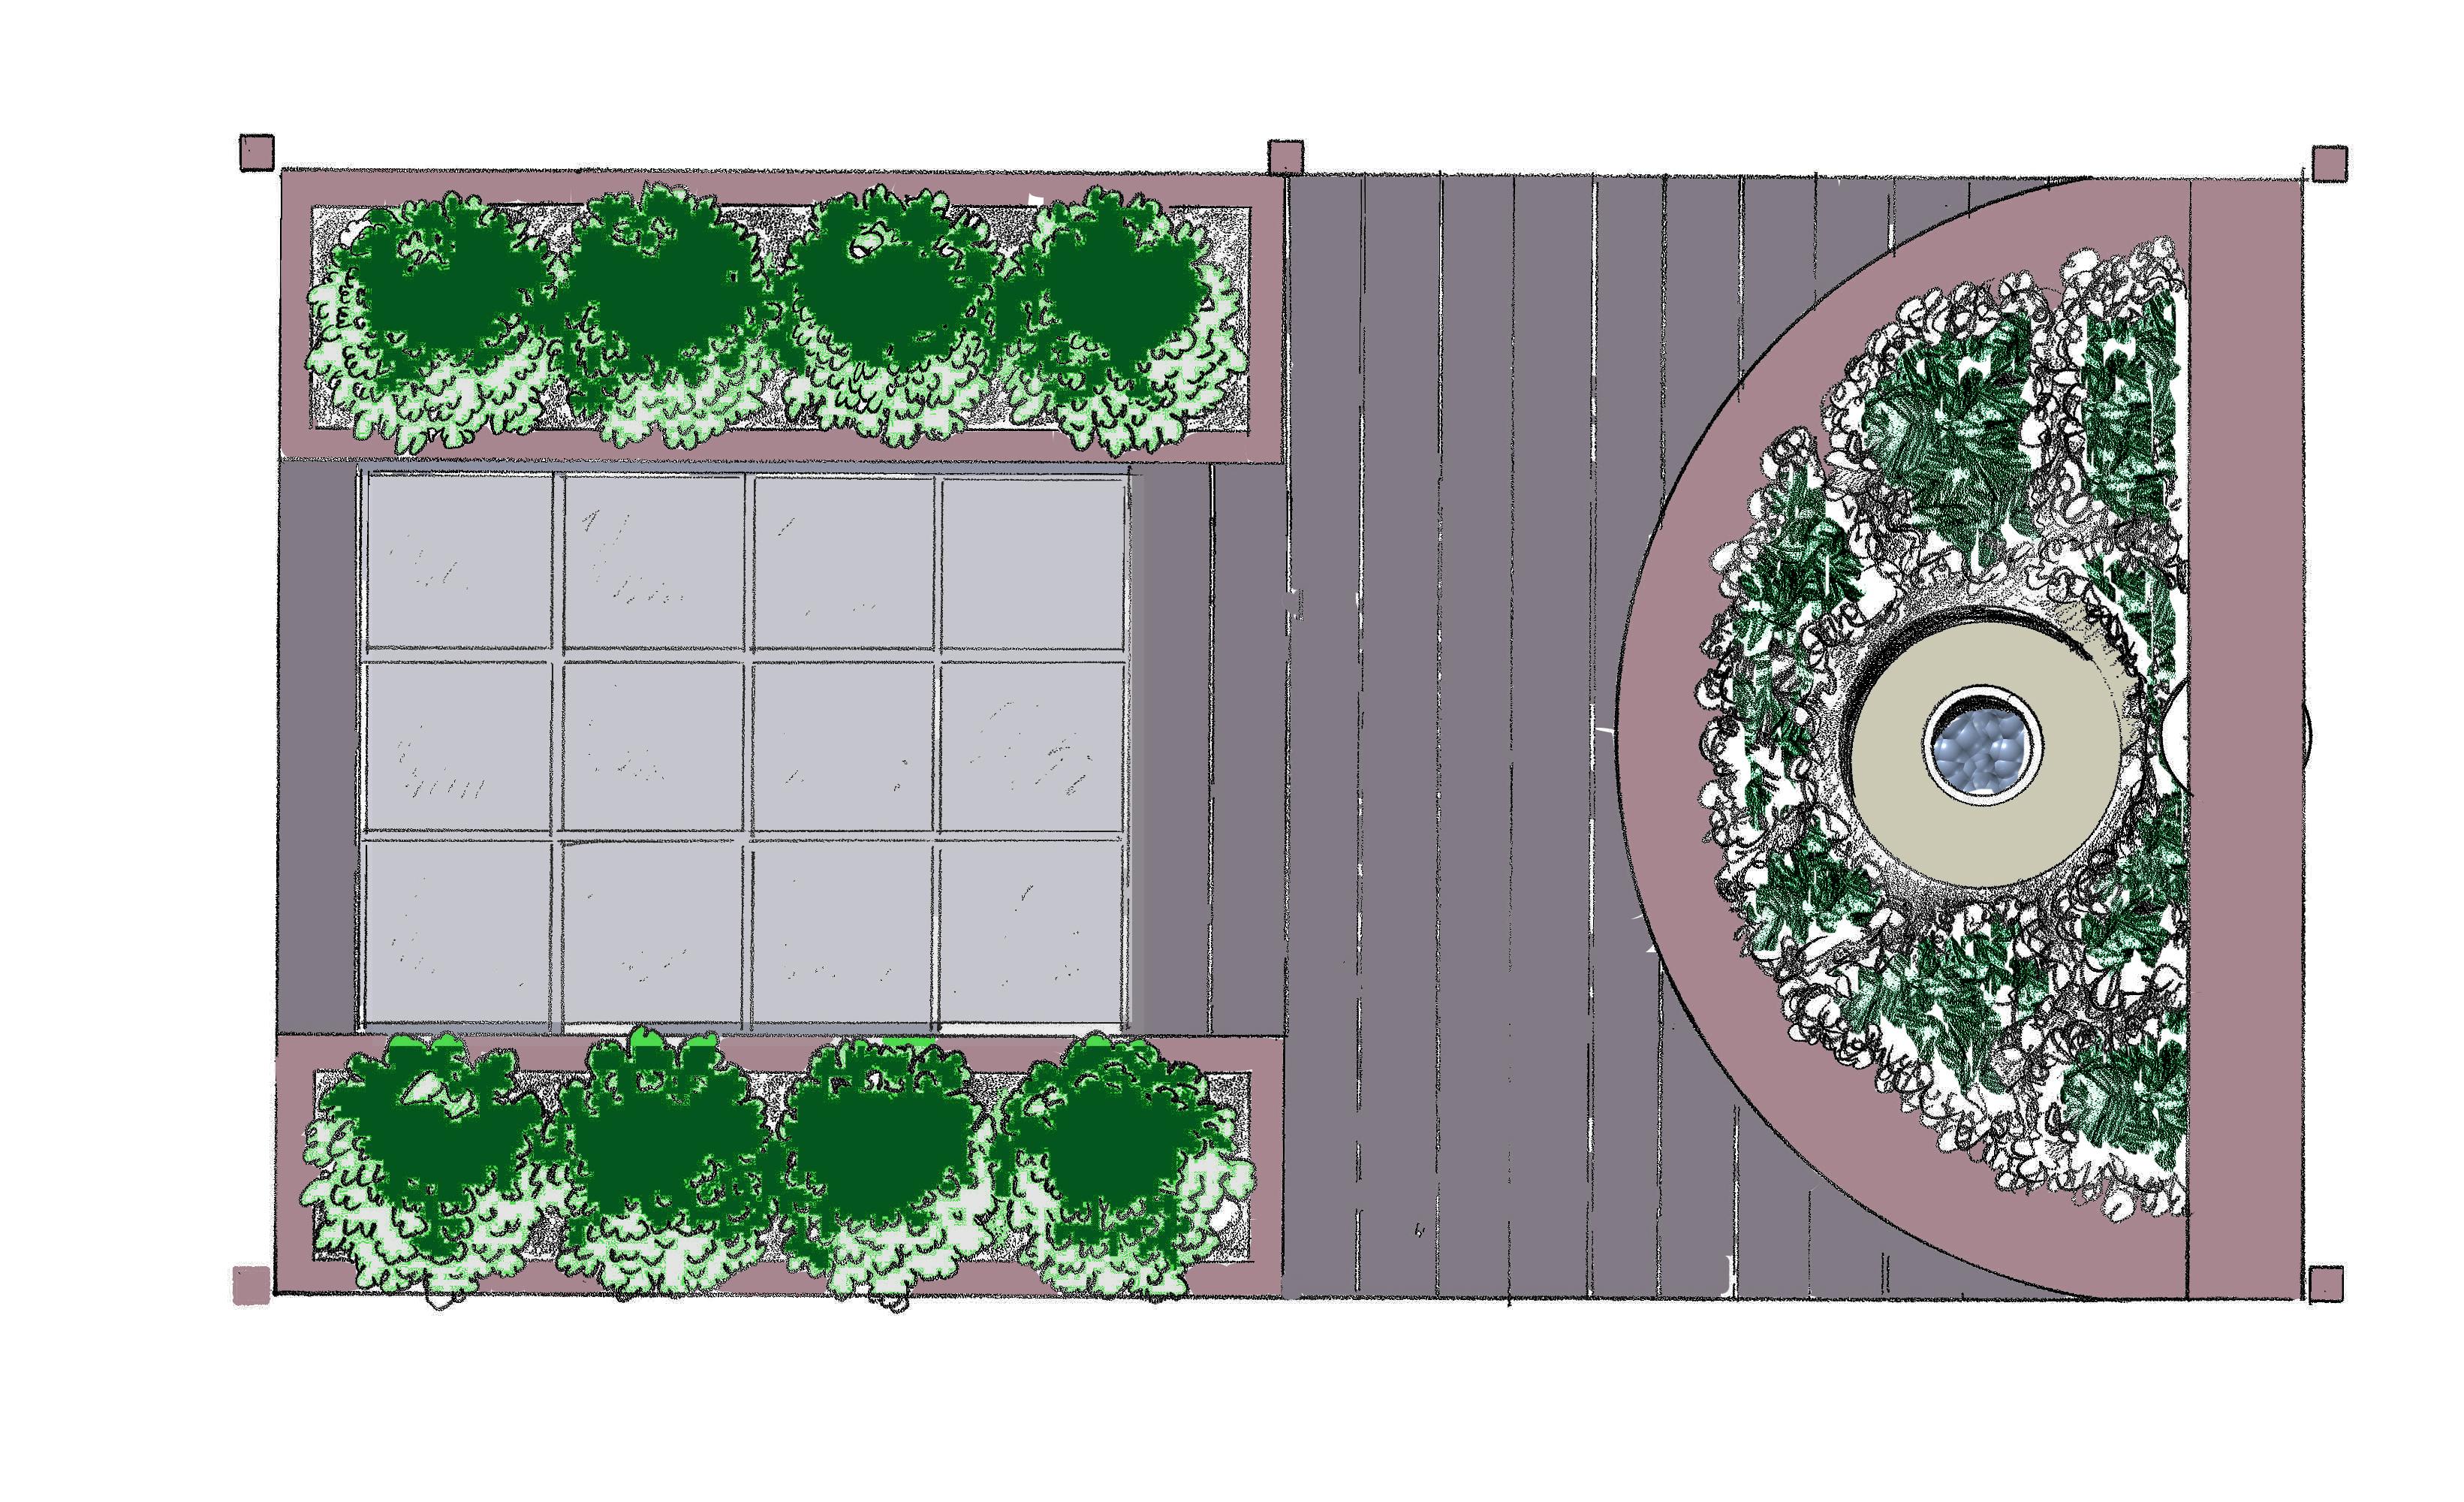 Chinese Garden Design landscape architect design chinese garden plan stock image Chinese Garden K E N T G R E E N H O U S E